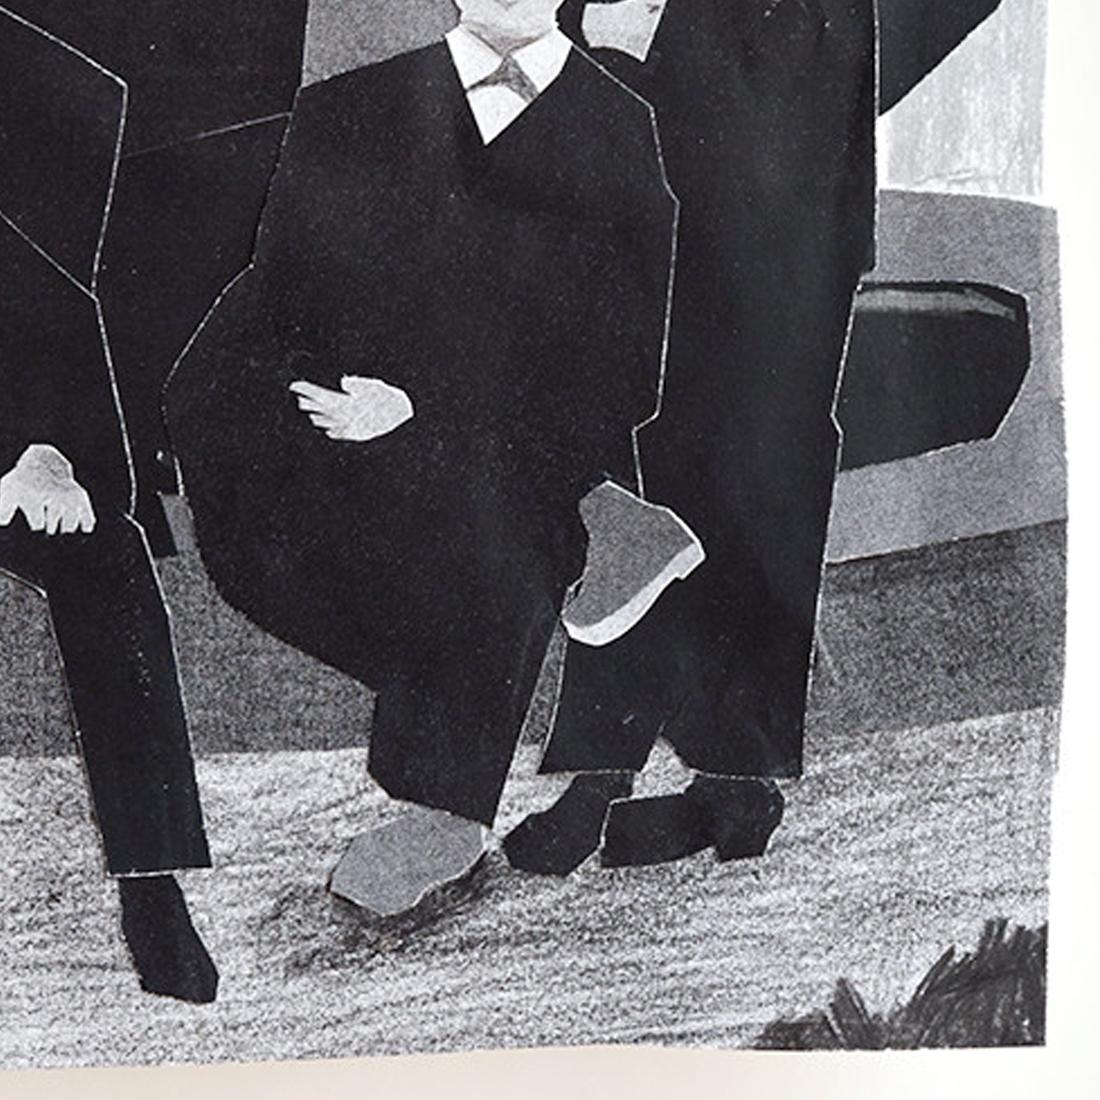 作品「アインシュタイン (前列左) 」